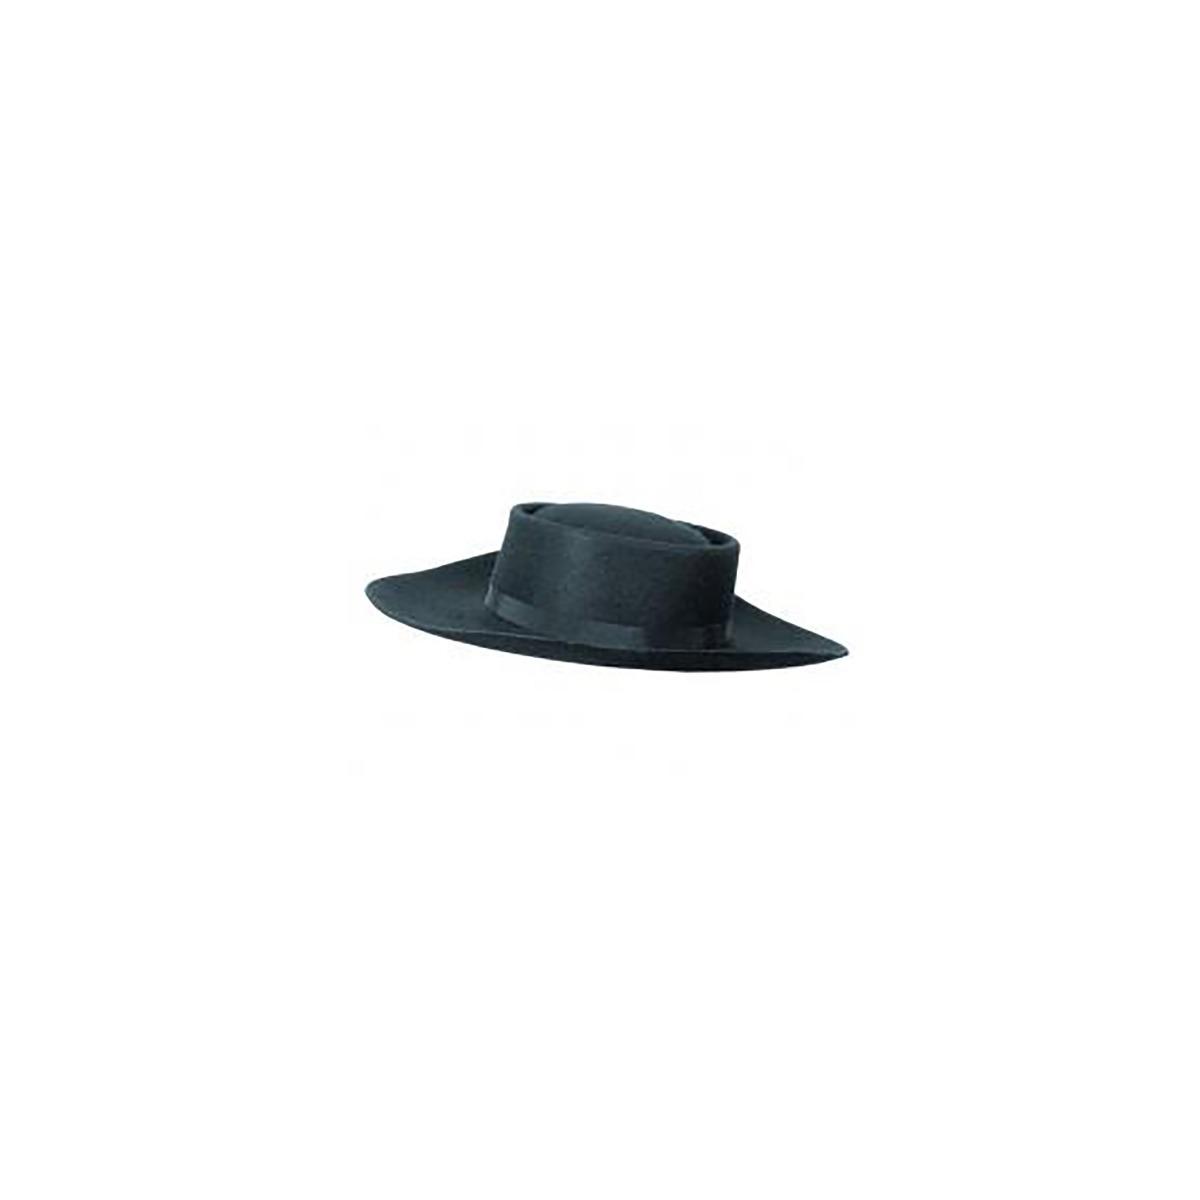 e21ff74dc4a75 sombrero campero norteño o de campo sombrero de gaucho. Cargando zoom.